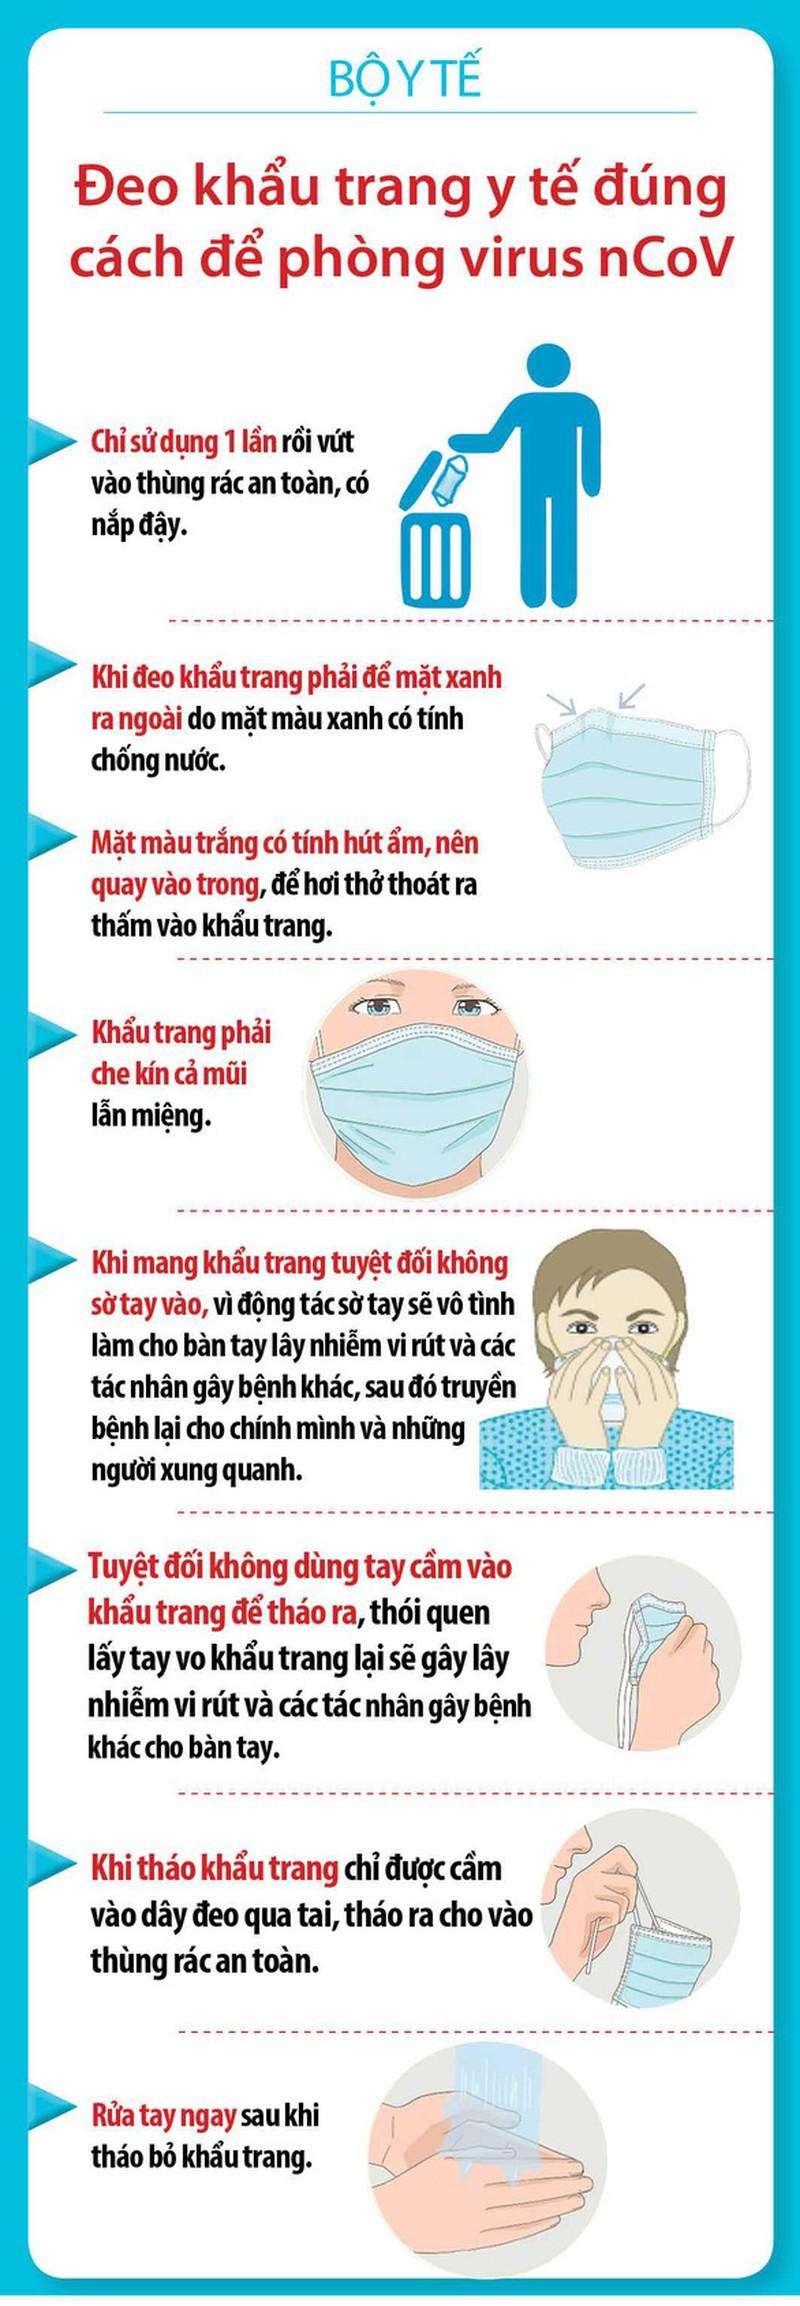 Bộ Y tế hướng dẫn đeo khẩu trang đúng cách phòng ngừa nCoV. Ảnh: BYT